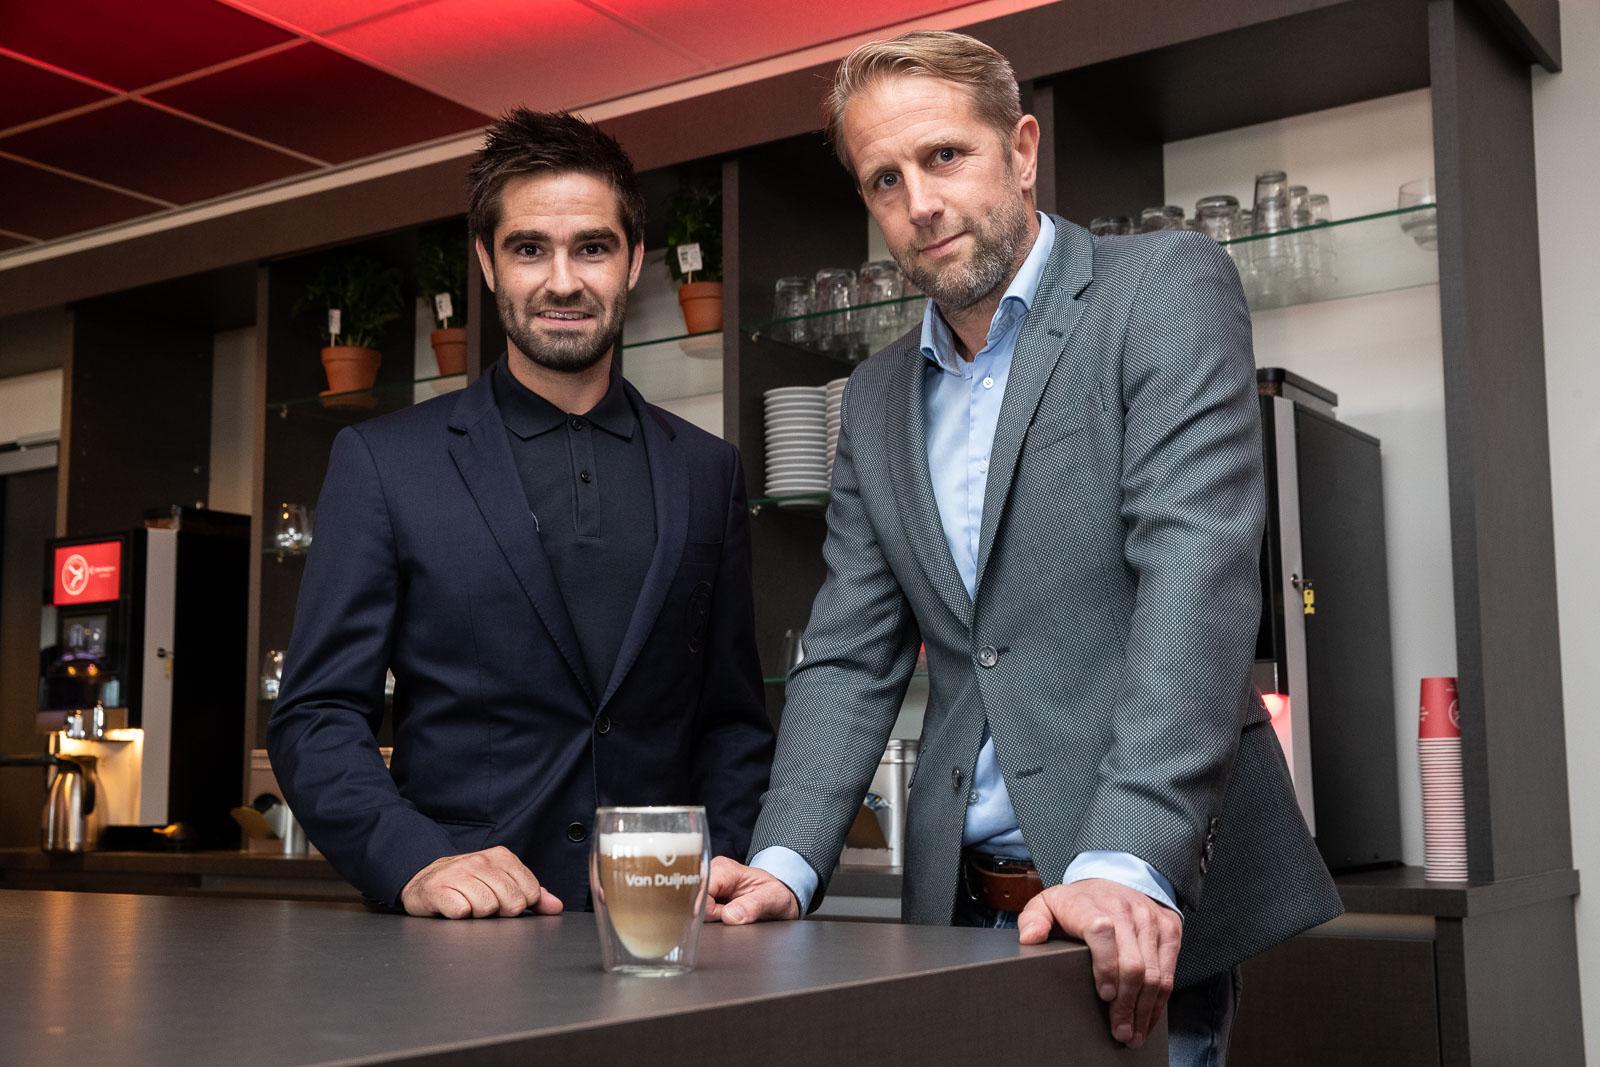 Van Duijnen trots op sponsorschap Almere City FC